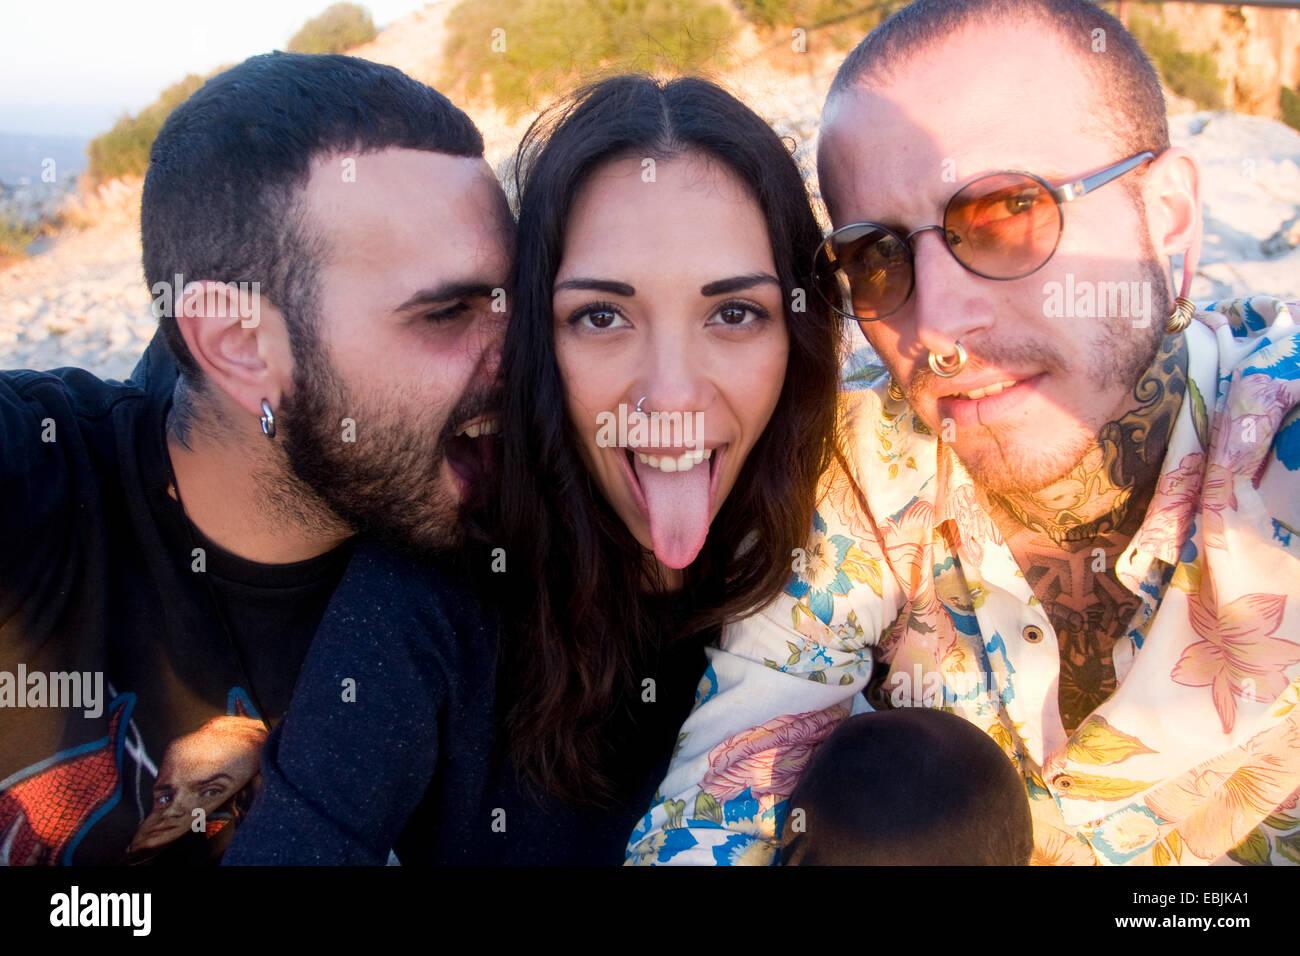 Chiudere fino a tre giovani amici adulti rendendo volti a costa, Marsiglia, Francia Immagini Stock